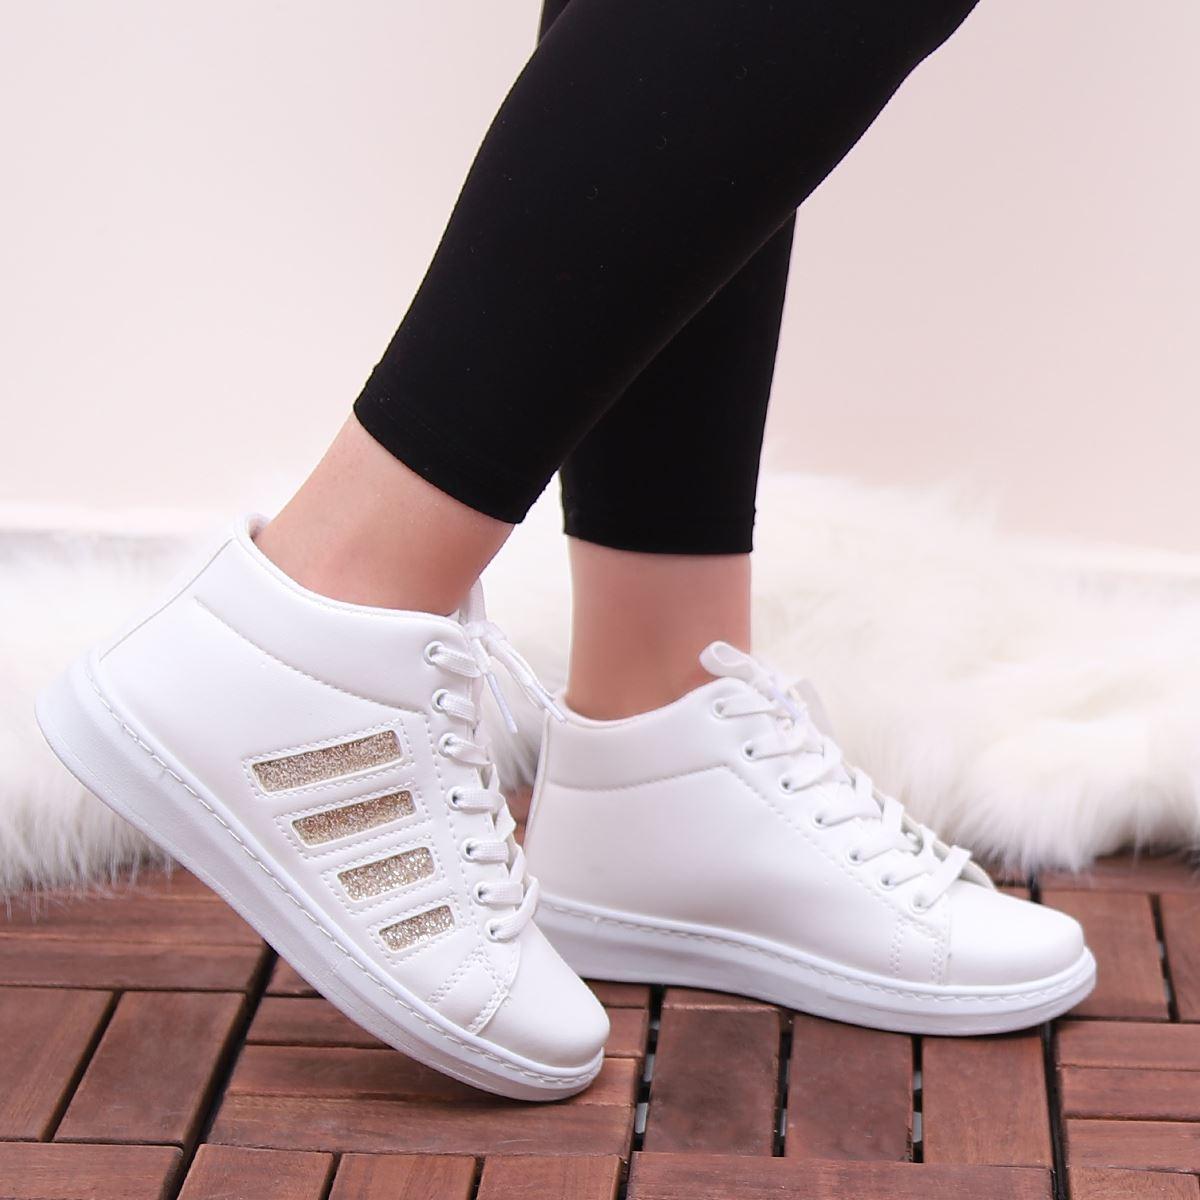 Beyaz Rose Gold Şeritli Spor Ayakkabı AYK147